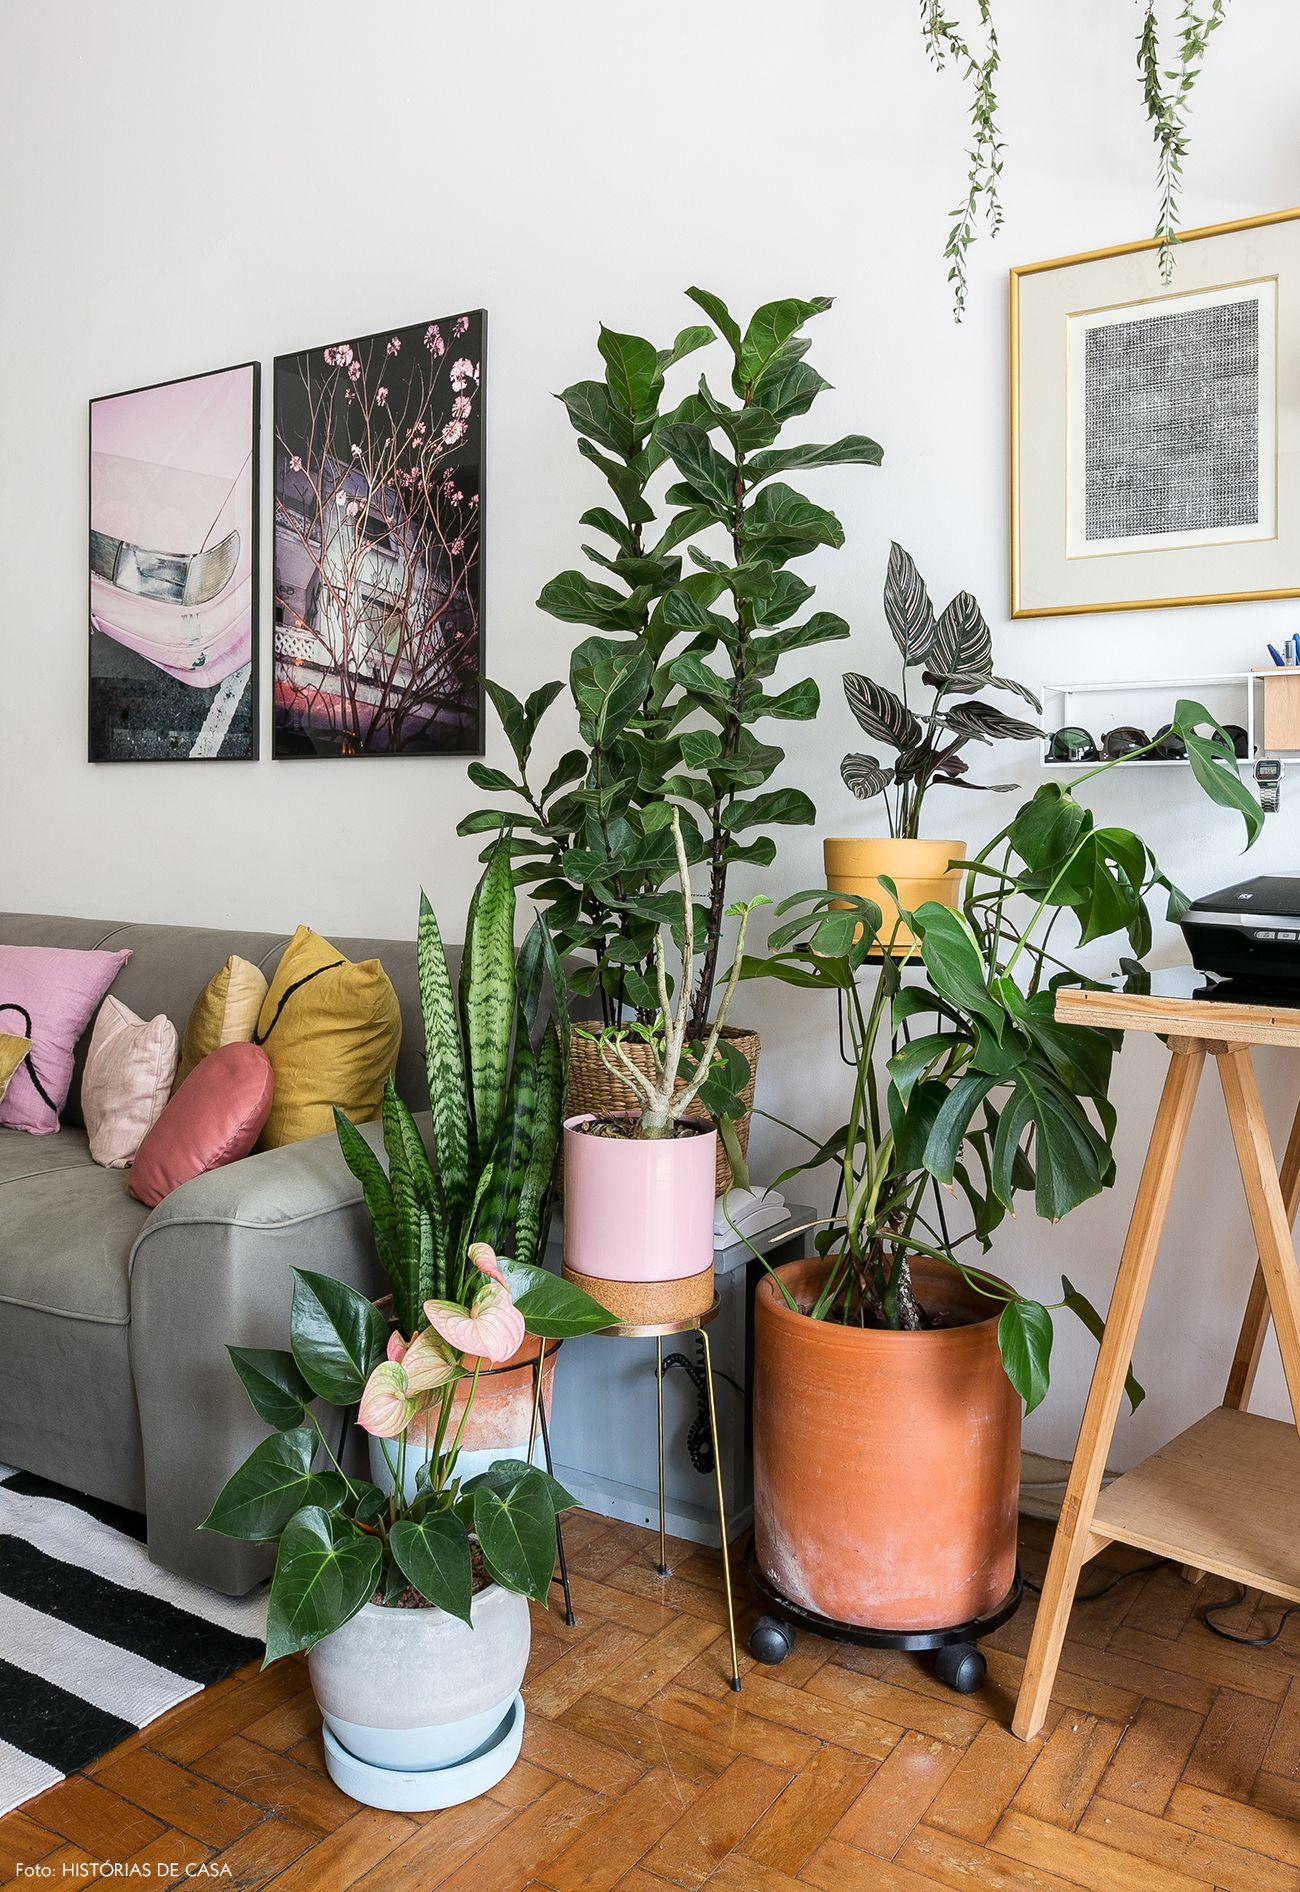 Cantinho da sala de estar tem vasos e suportes com plantas de espécies  variadas. d447e95fdeb9f